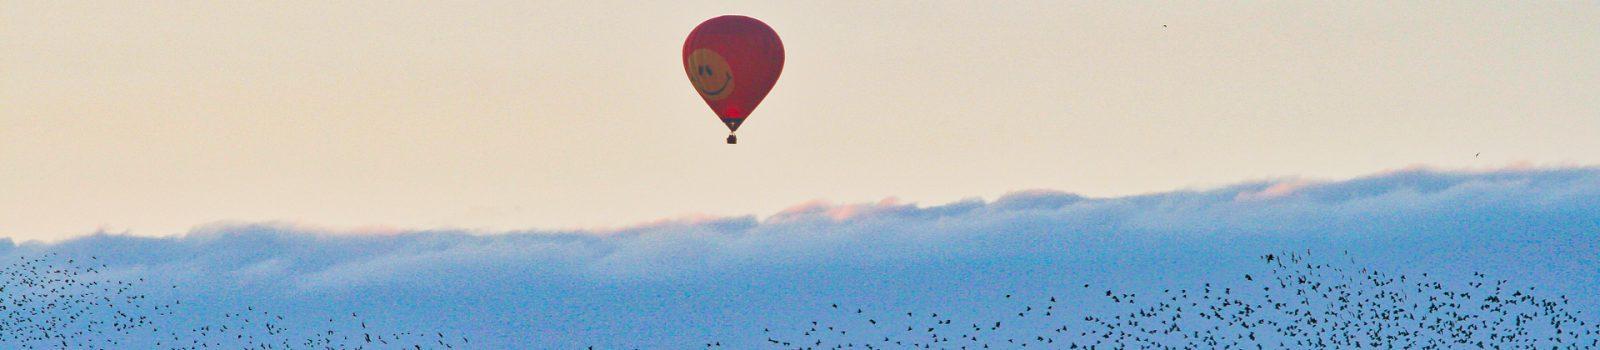 Luchballon met spreeuwen 1920x420